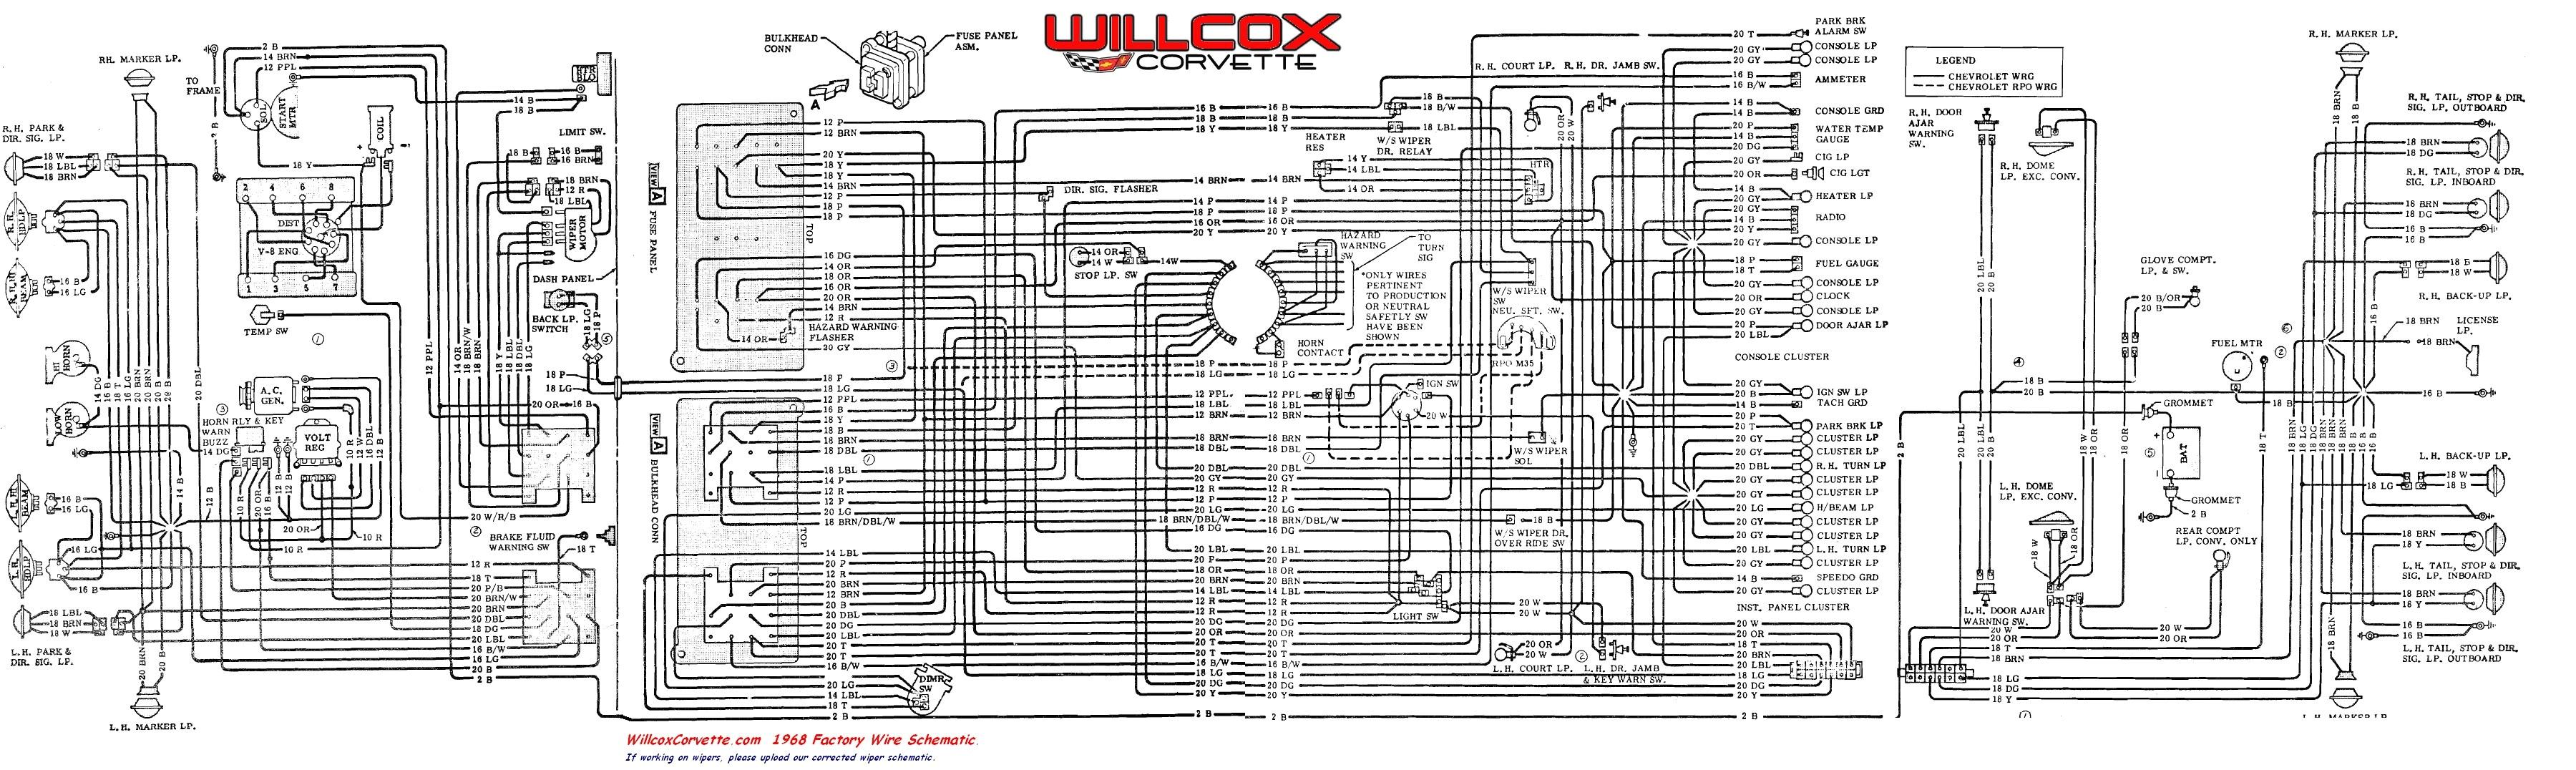 1963 corvette engine wiring harness schematic wiring diagram view 1985 corvette engine harness diagram